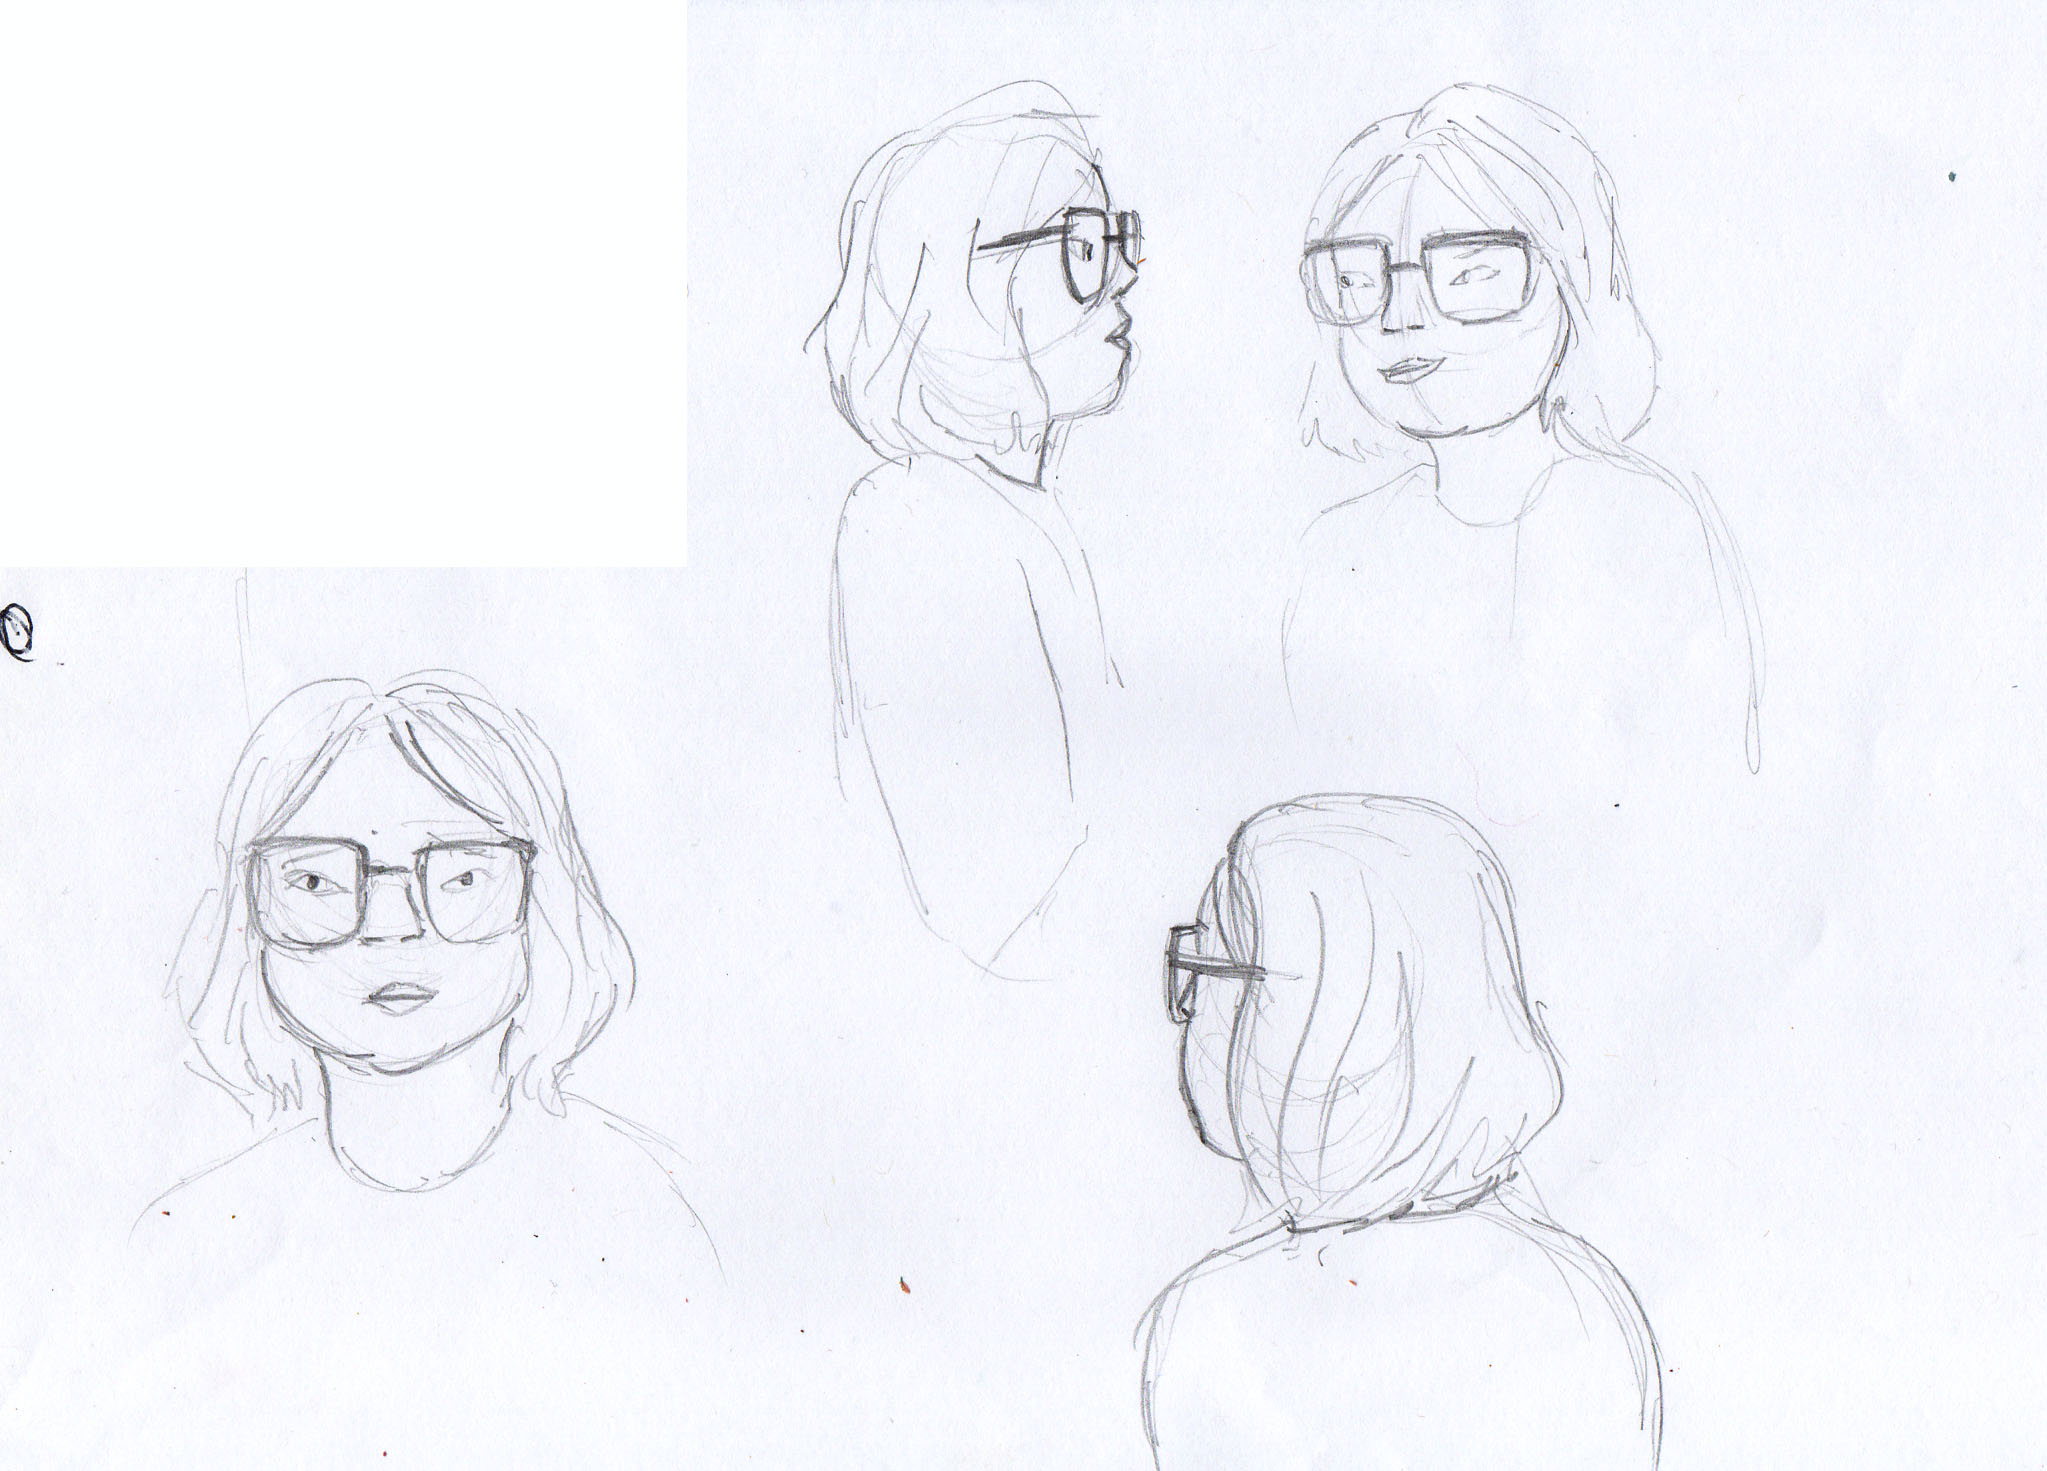 Megan_Face_ref